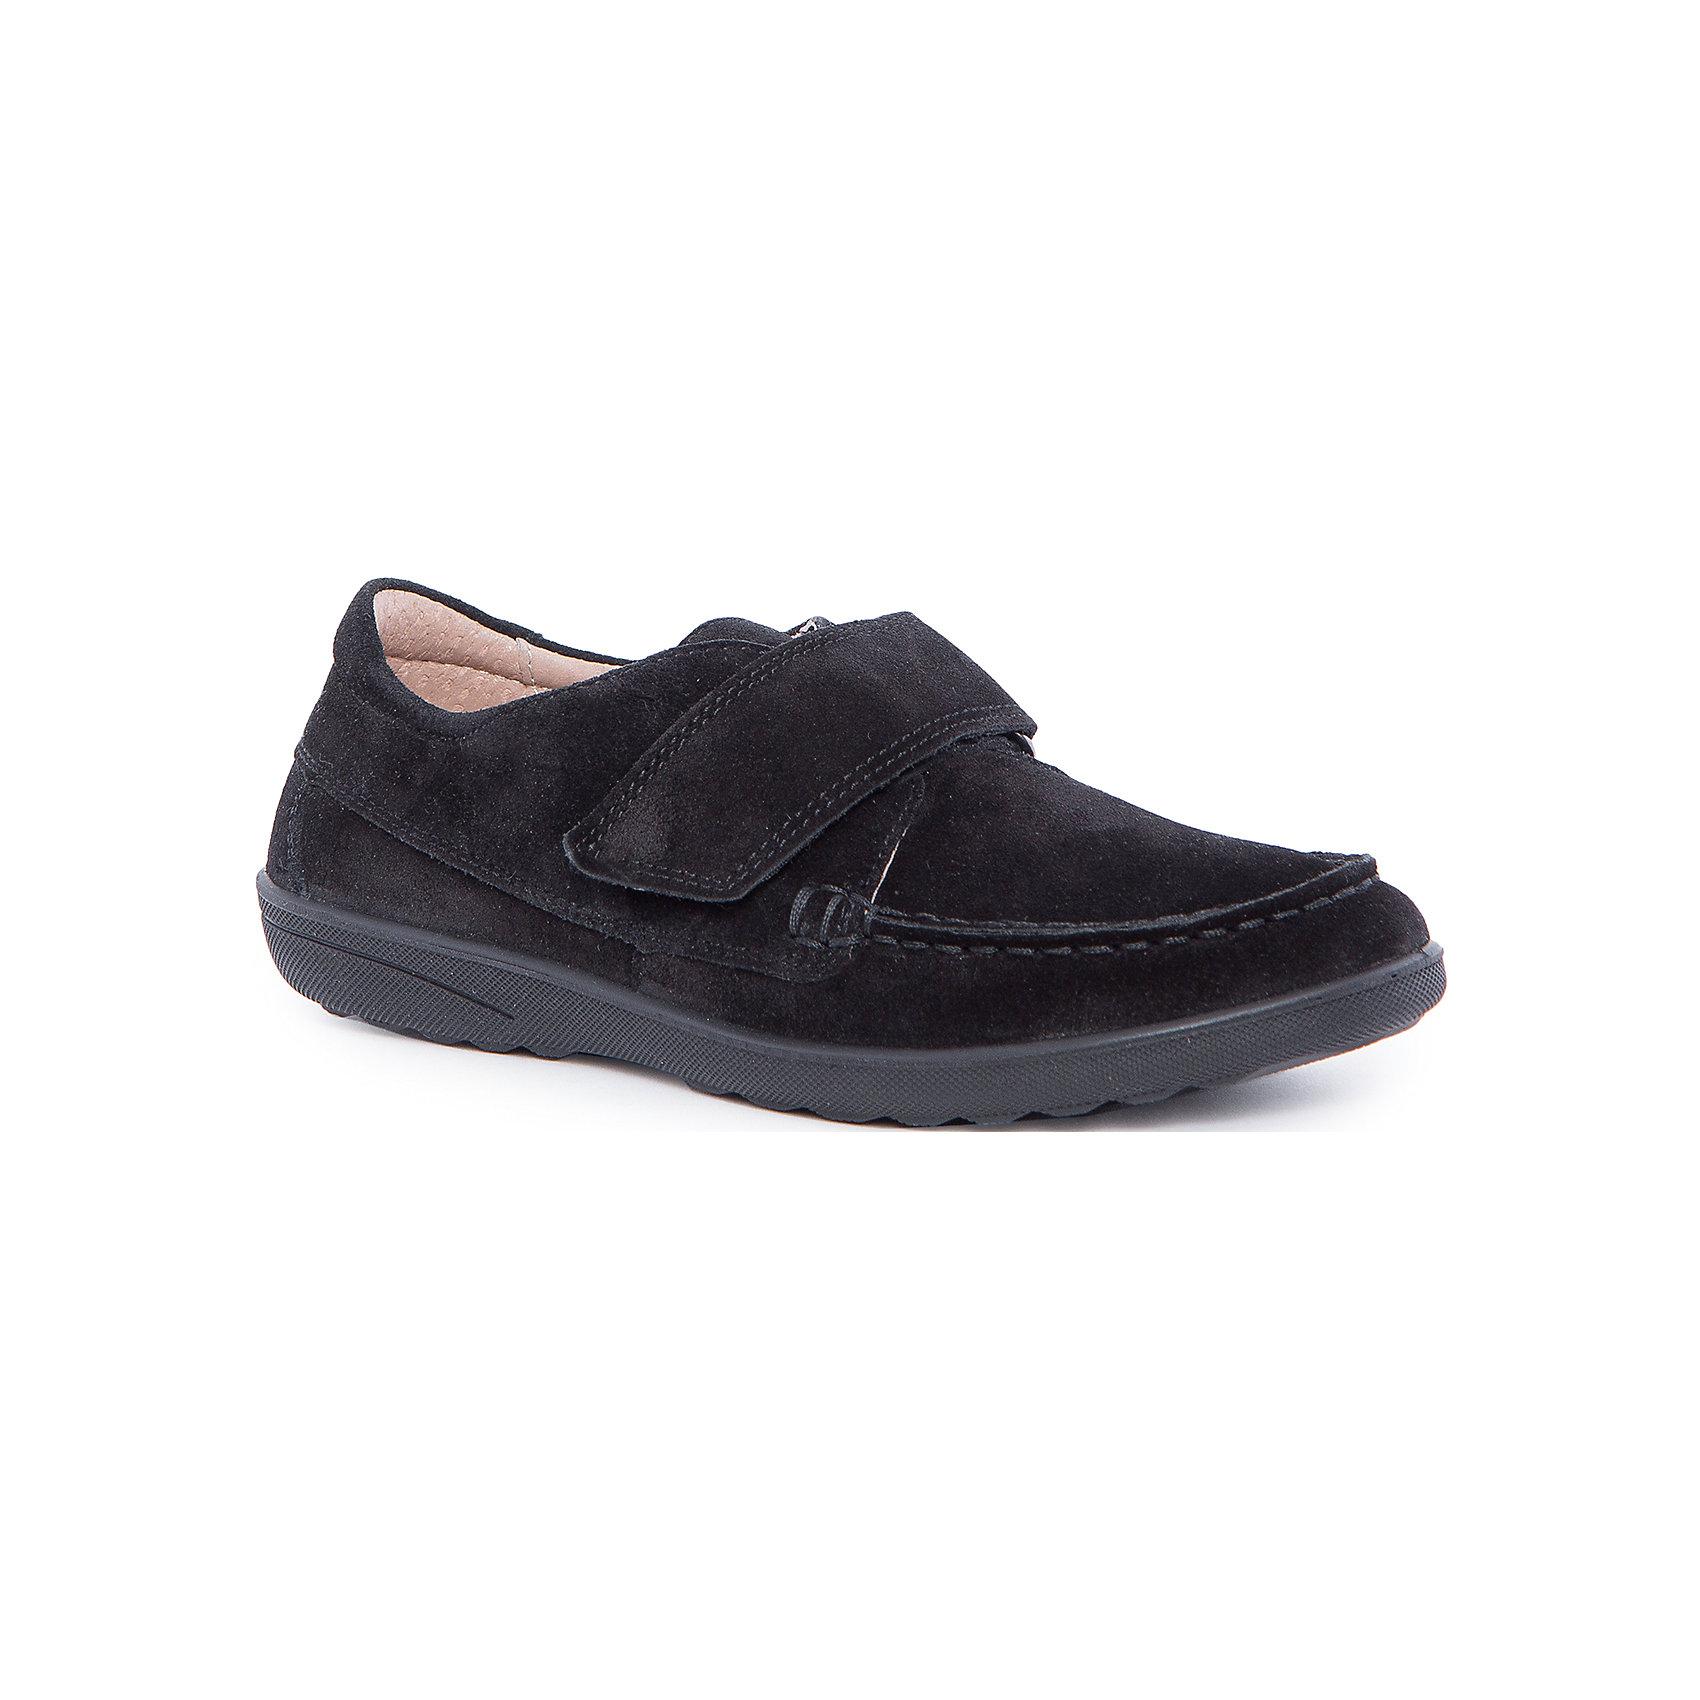 Полуботинки для мальчика GulliverПолуботинки для мальчика от известного бренда Gulliver<br>Выбрать ботинки в школу - задача не из простых! Они должны выглядеть стильно и соответствовать необходимым стандартам качества. Черные школьные ботинки из нубука - то, что нужно! Удобные и практичные, они отлично подойдут для улицы, а также станут оптимальным решением в качестве сменной обуви. Застежка на липучке сэкономит ценное время ученика.<br>Состав: верх: спилок; подкладка: кожа/ текстиль; подошва: полиуретан<br><br>Ширина мм: 262<br>Глубина мм: 176<br>Высота мм: 97<br>Вес г: 427<br>Цвет: черный<br>Возраст от месяцев: 156<br>Возраст до месяцев: 168<br>Пол: Мужской<br>Возраст: Детский<br>Размер: 37,33,32,34,35,36<br>SKU: 4767309